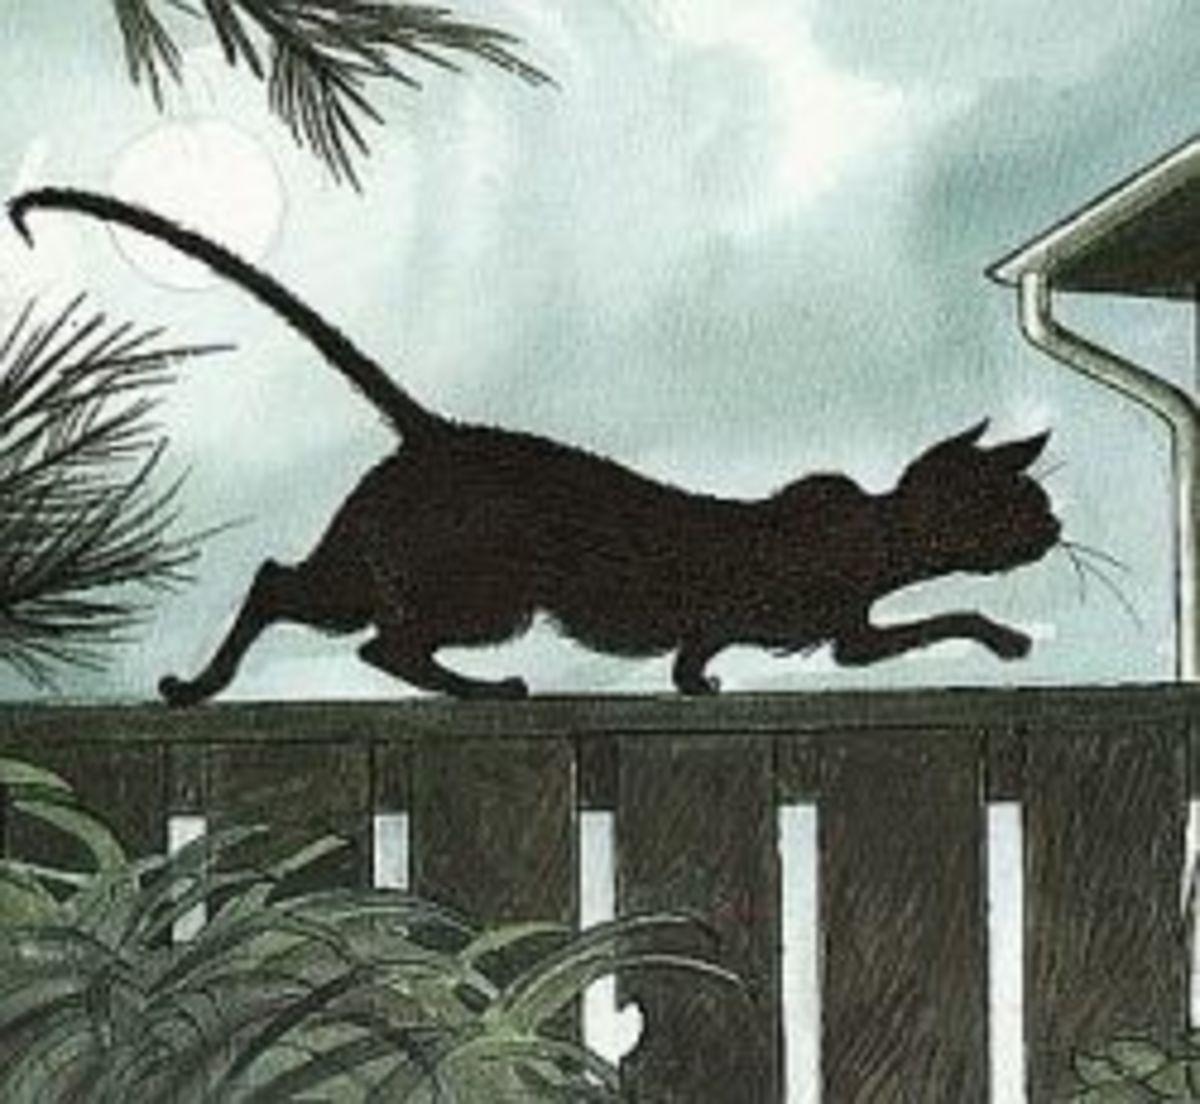 Slinky Malinki - Literary Cat